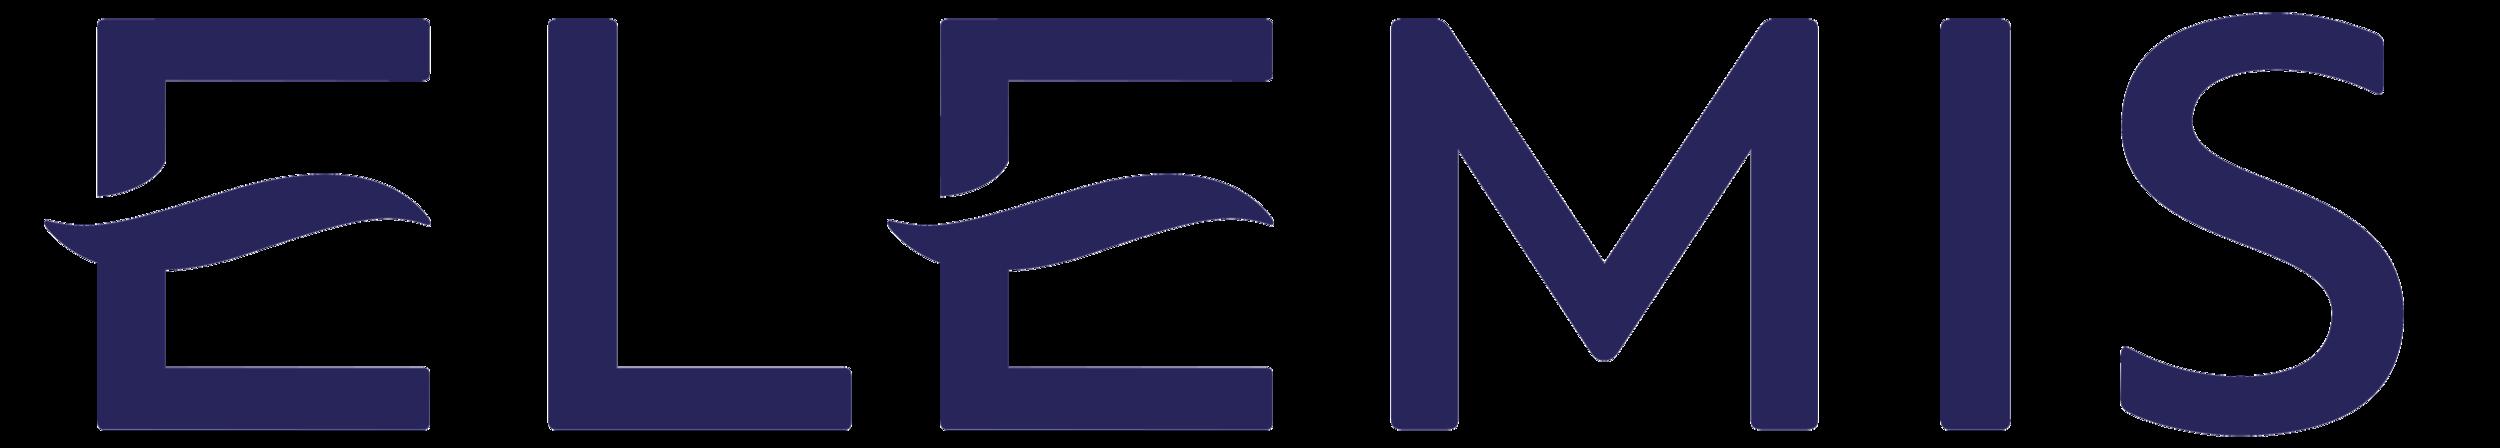 Elemis_logo_logotype.png